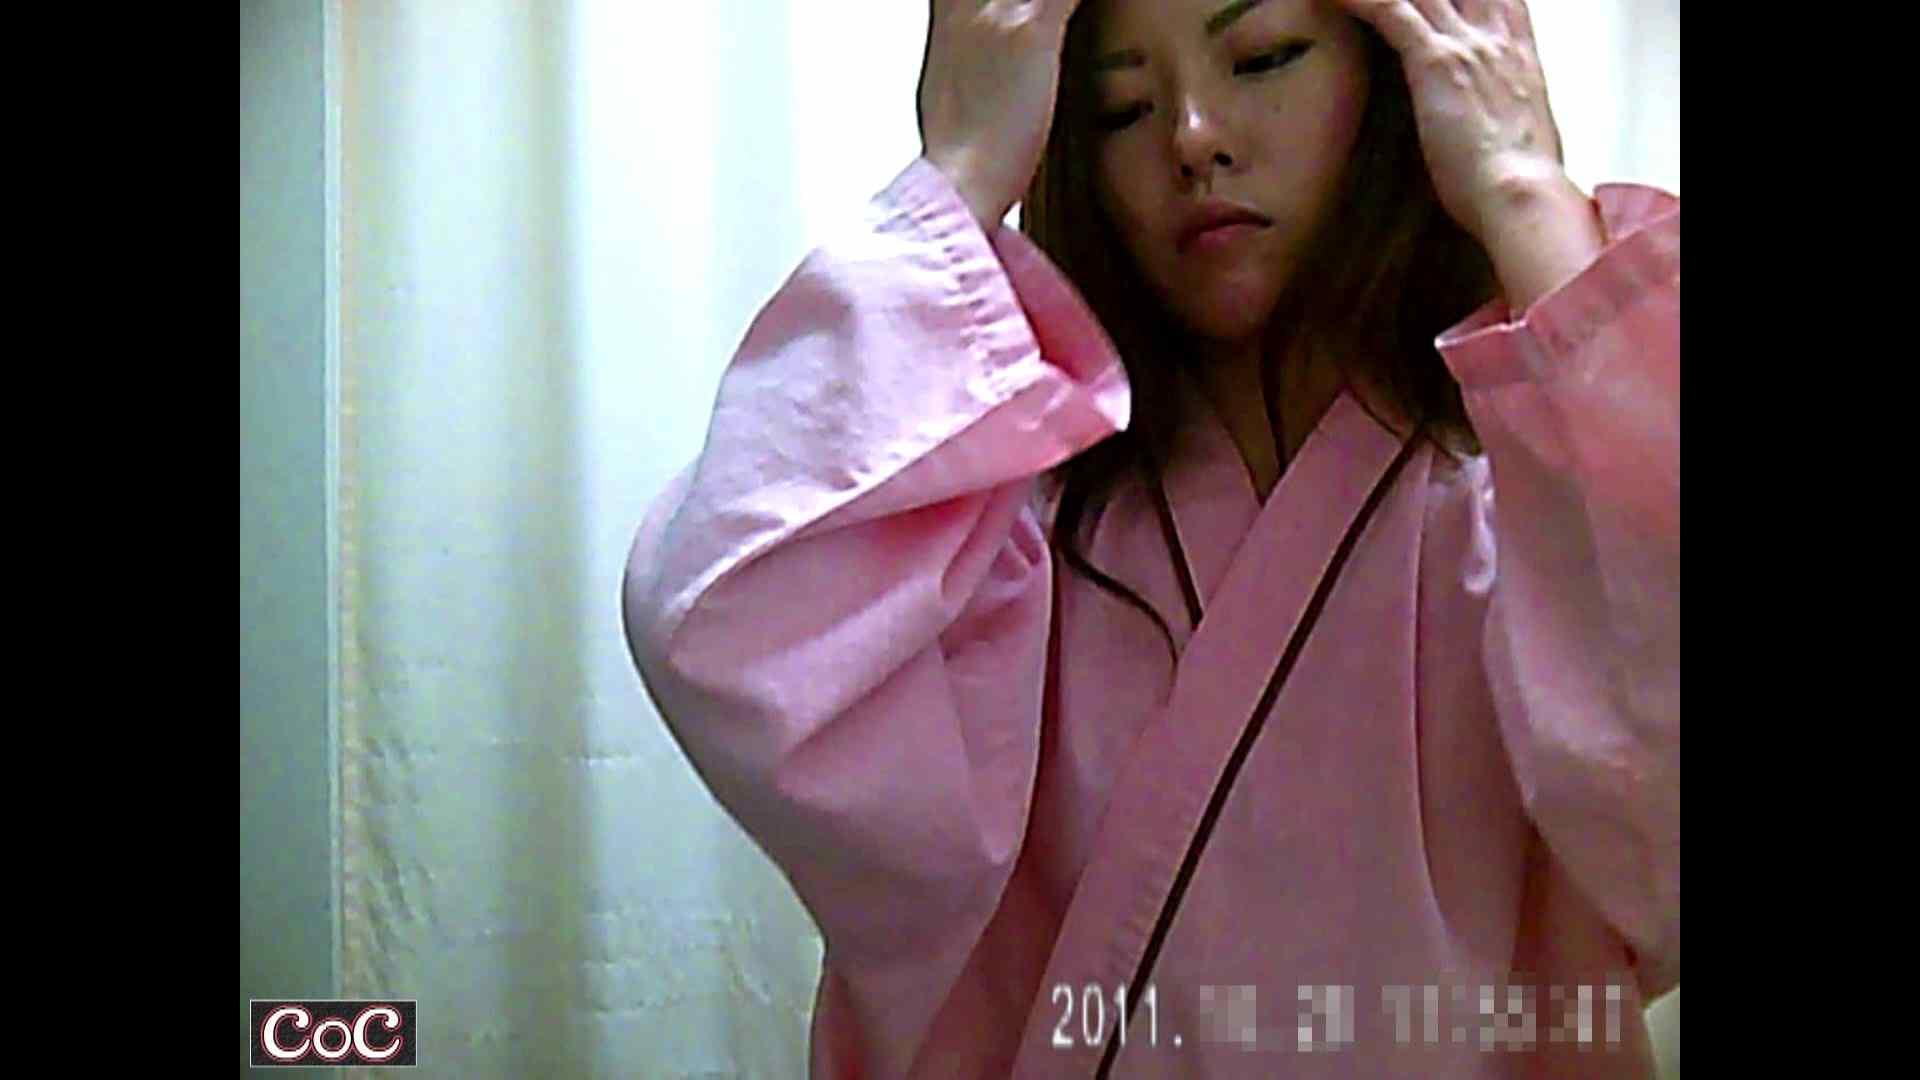 元医者による反抗 更衣室地獄絵巻 vol.221 OLハメ撮り  35Pix 9